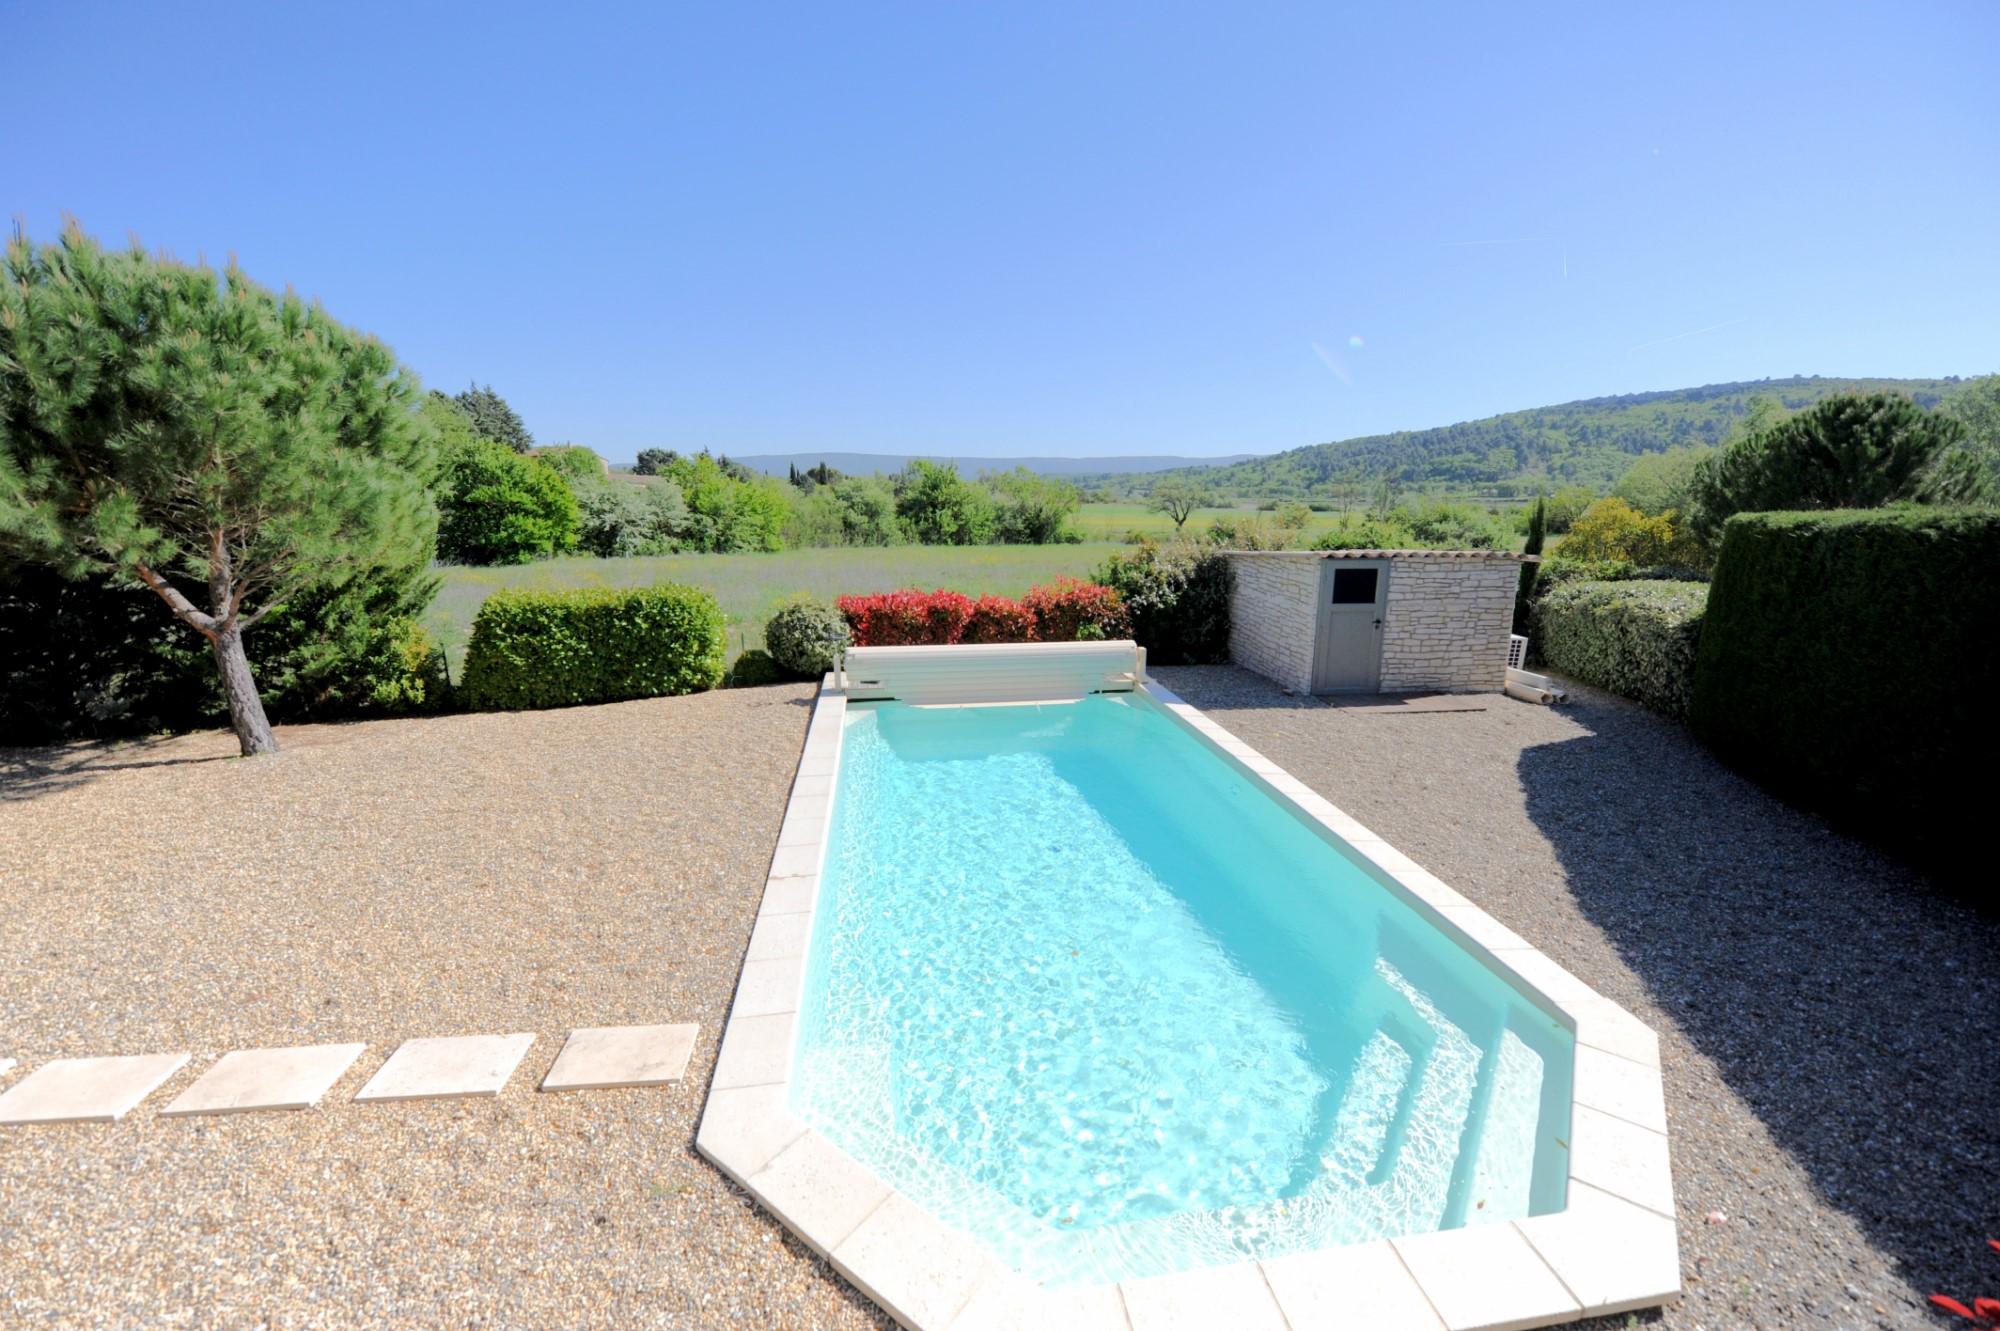 Maison en pierres avec piscine et vue sur le Luberon en Provence